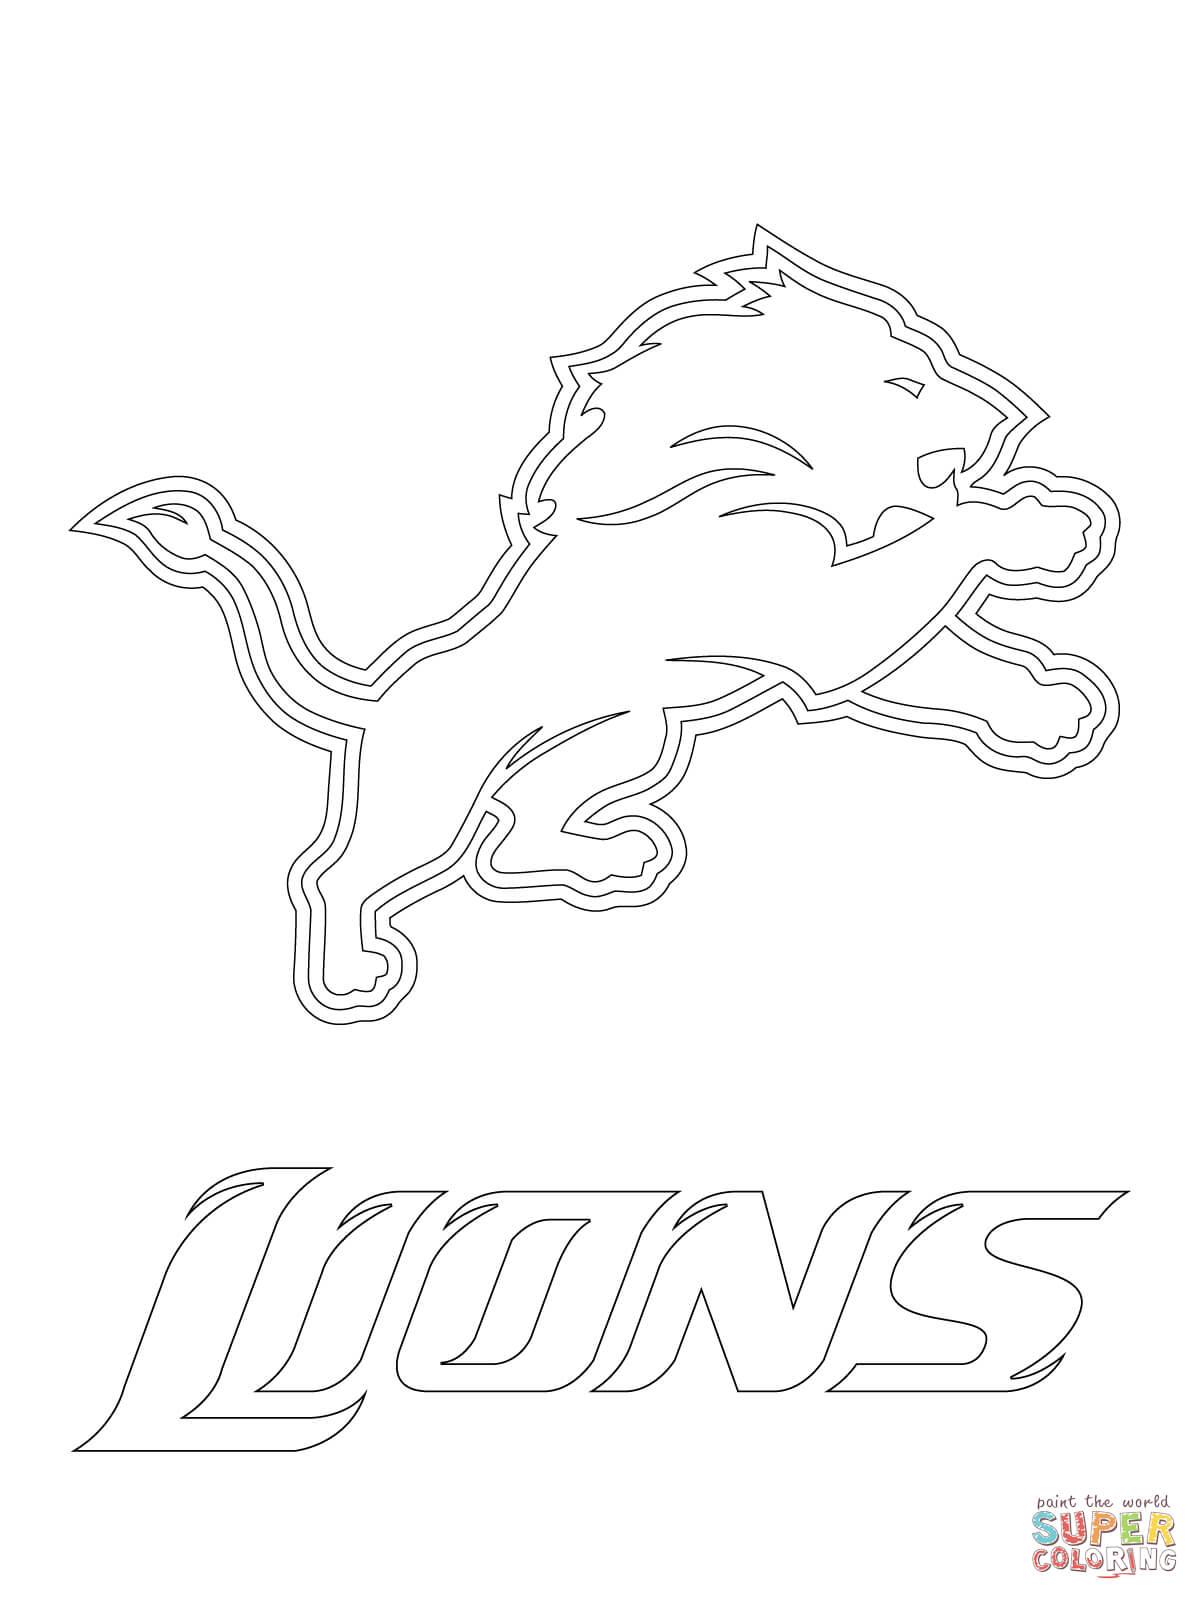 Detroit Lions Logo Coloring Page